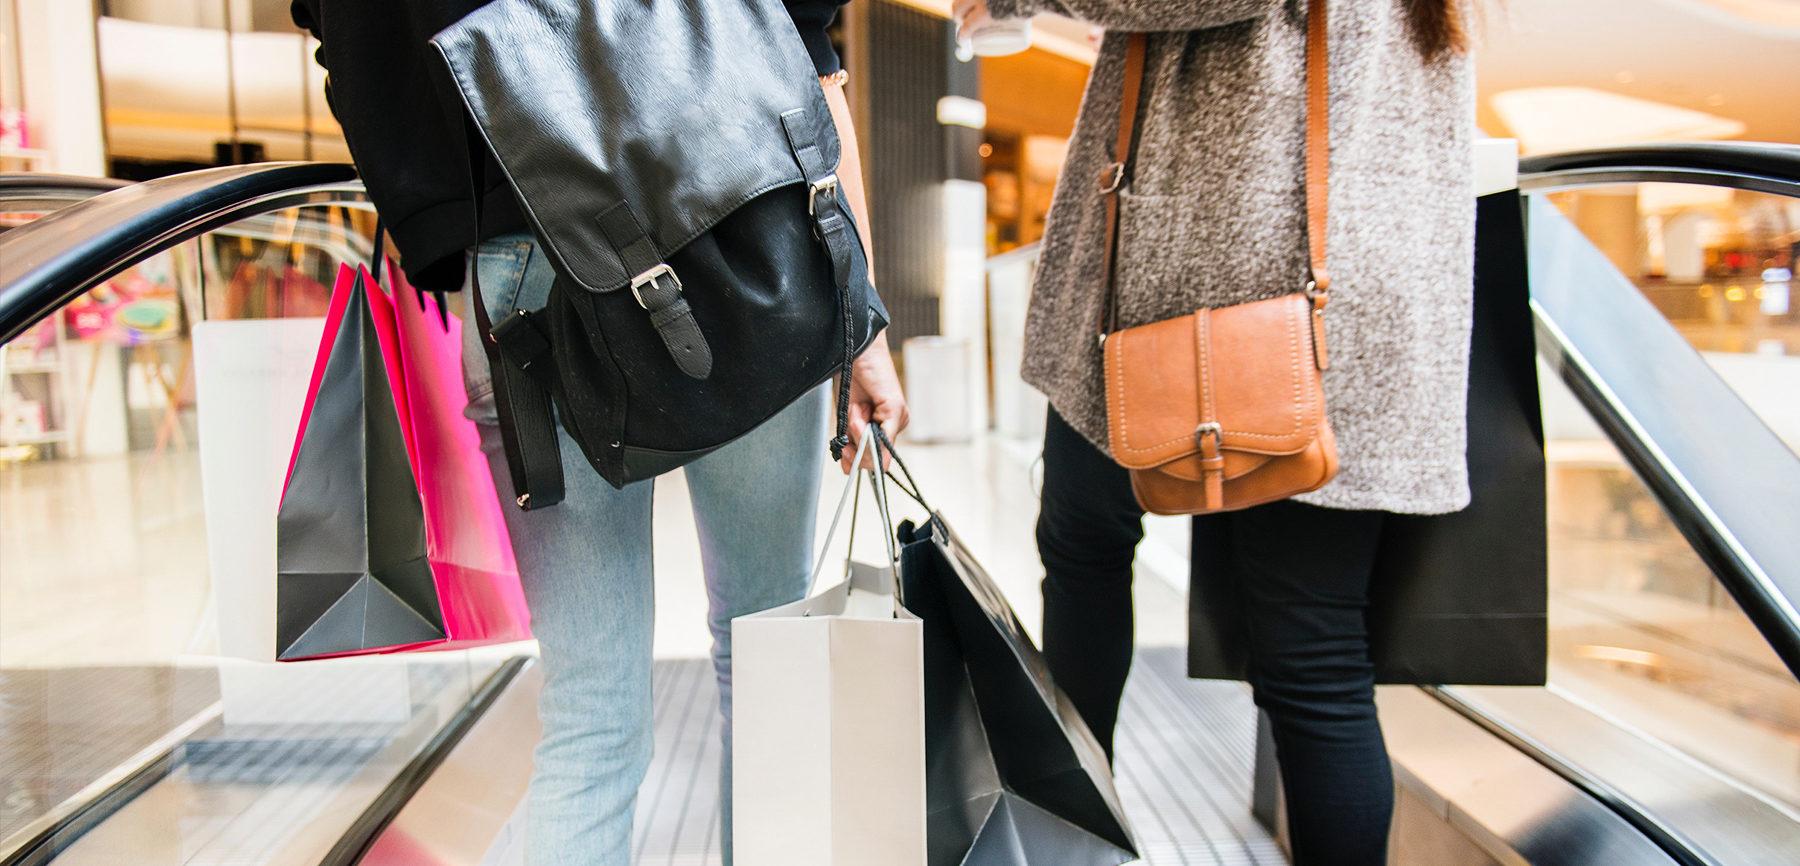 Bargain shop Chicago outlet malls